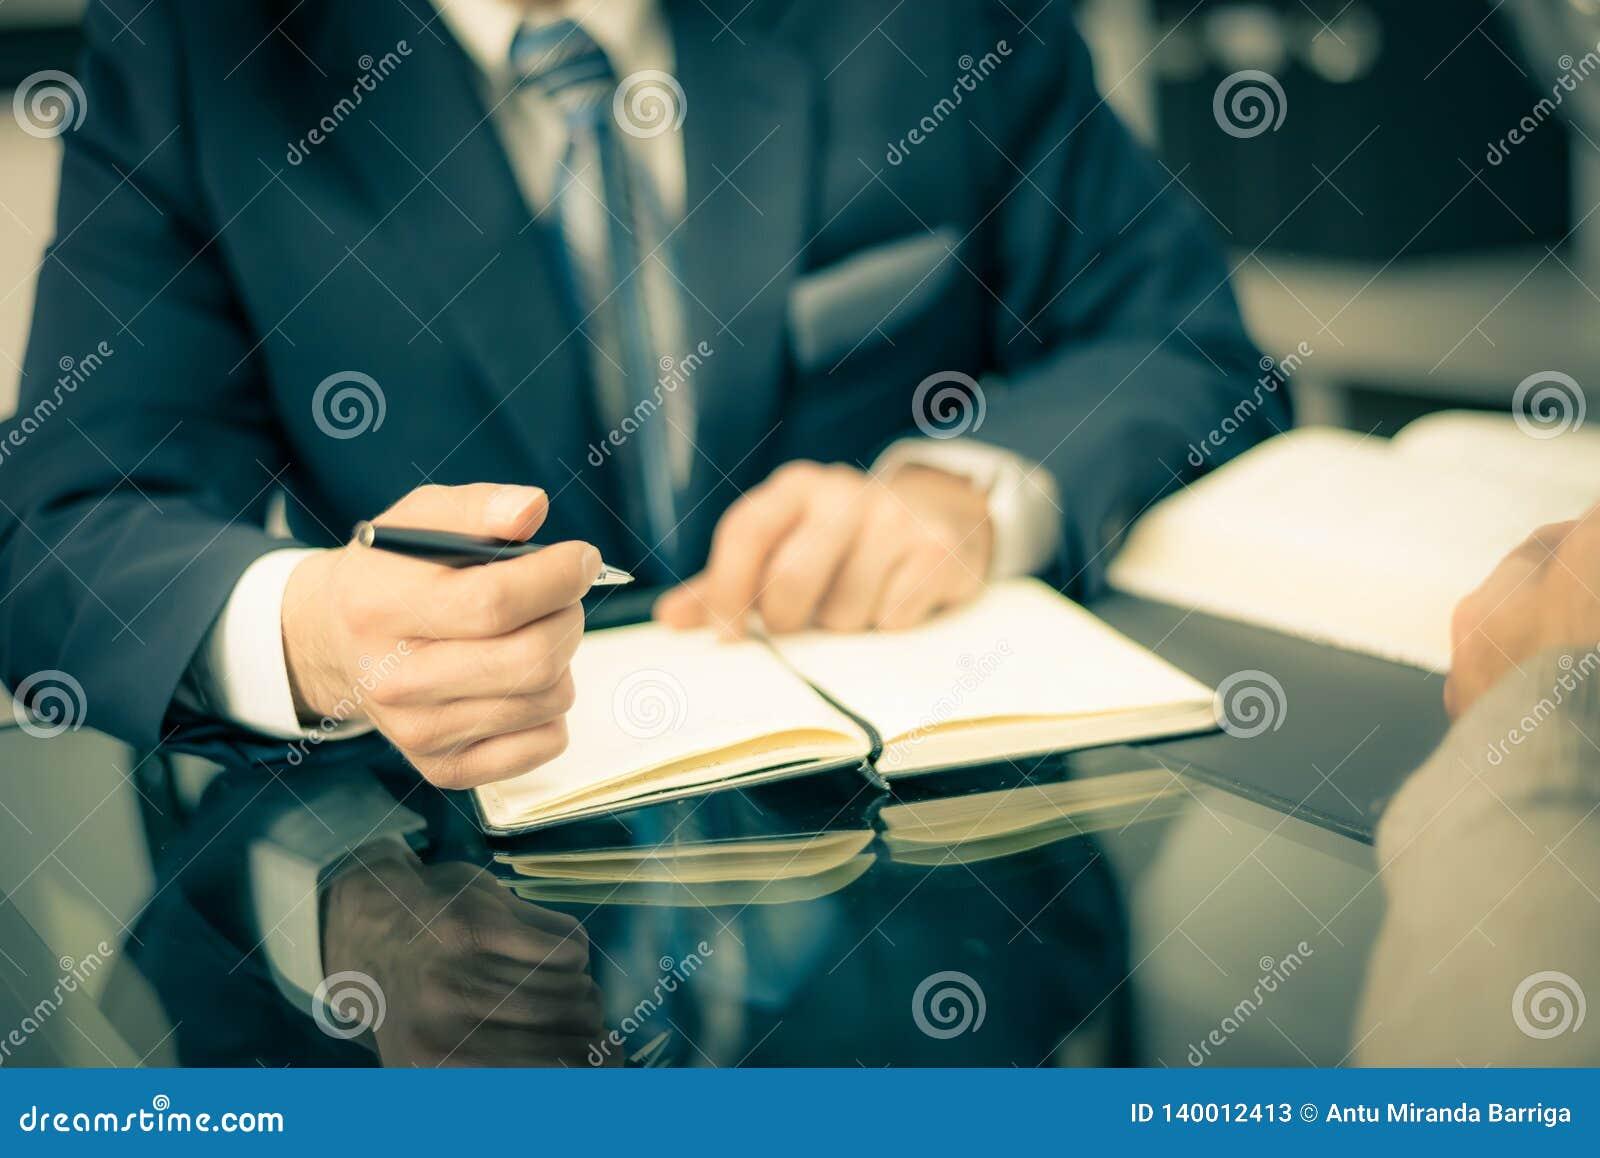 Άτομο σε ένα κοστούμι που κρατά μια μάνδρα και που παίρνει τις σημειώσεις